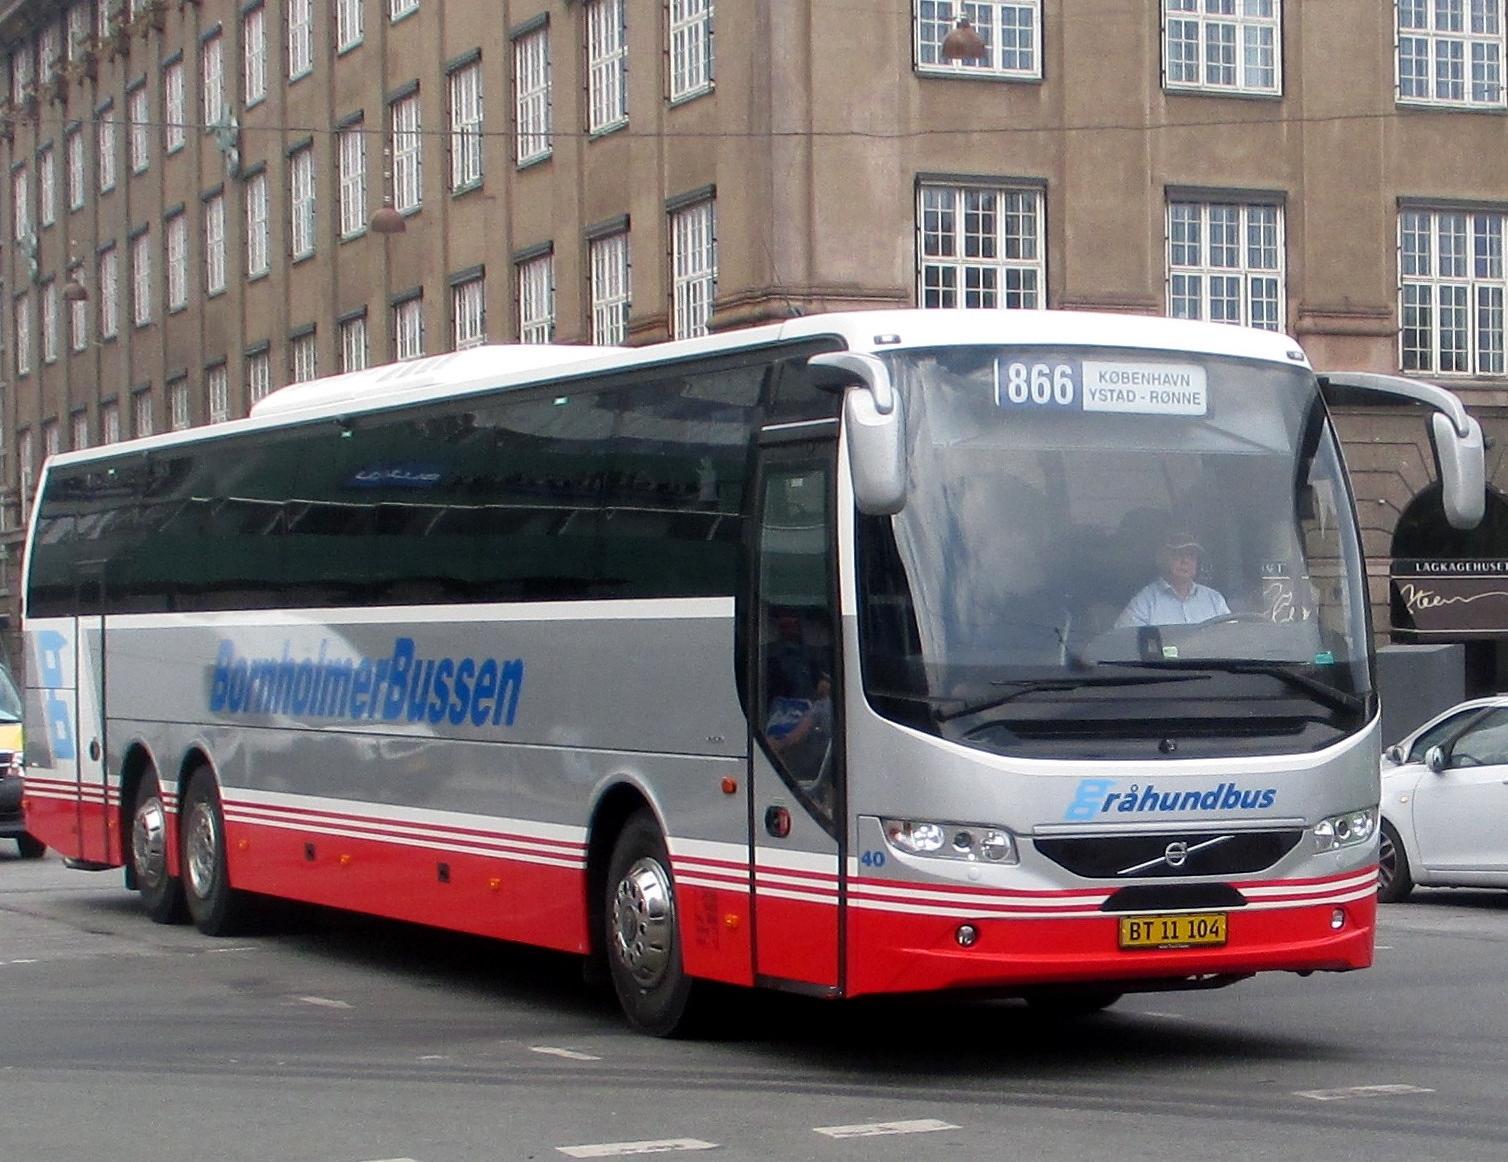 Bornholmerbussen fortsætter alligevel busruten mellem København og havnen i svenske Ystad, hvorfra passagererne sejler til Rønne. Foto: Bornholmerbussen.